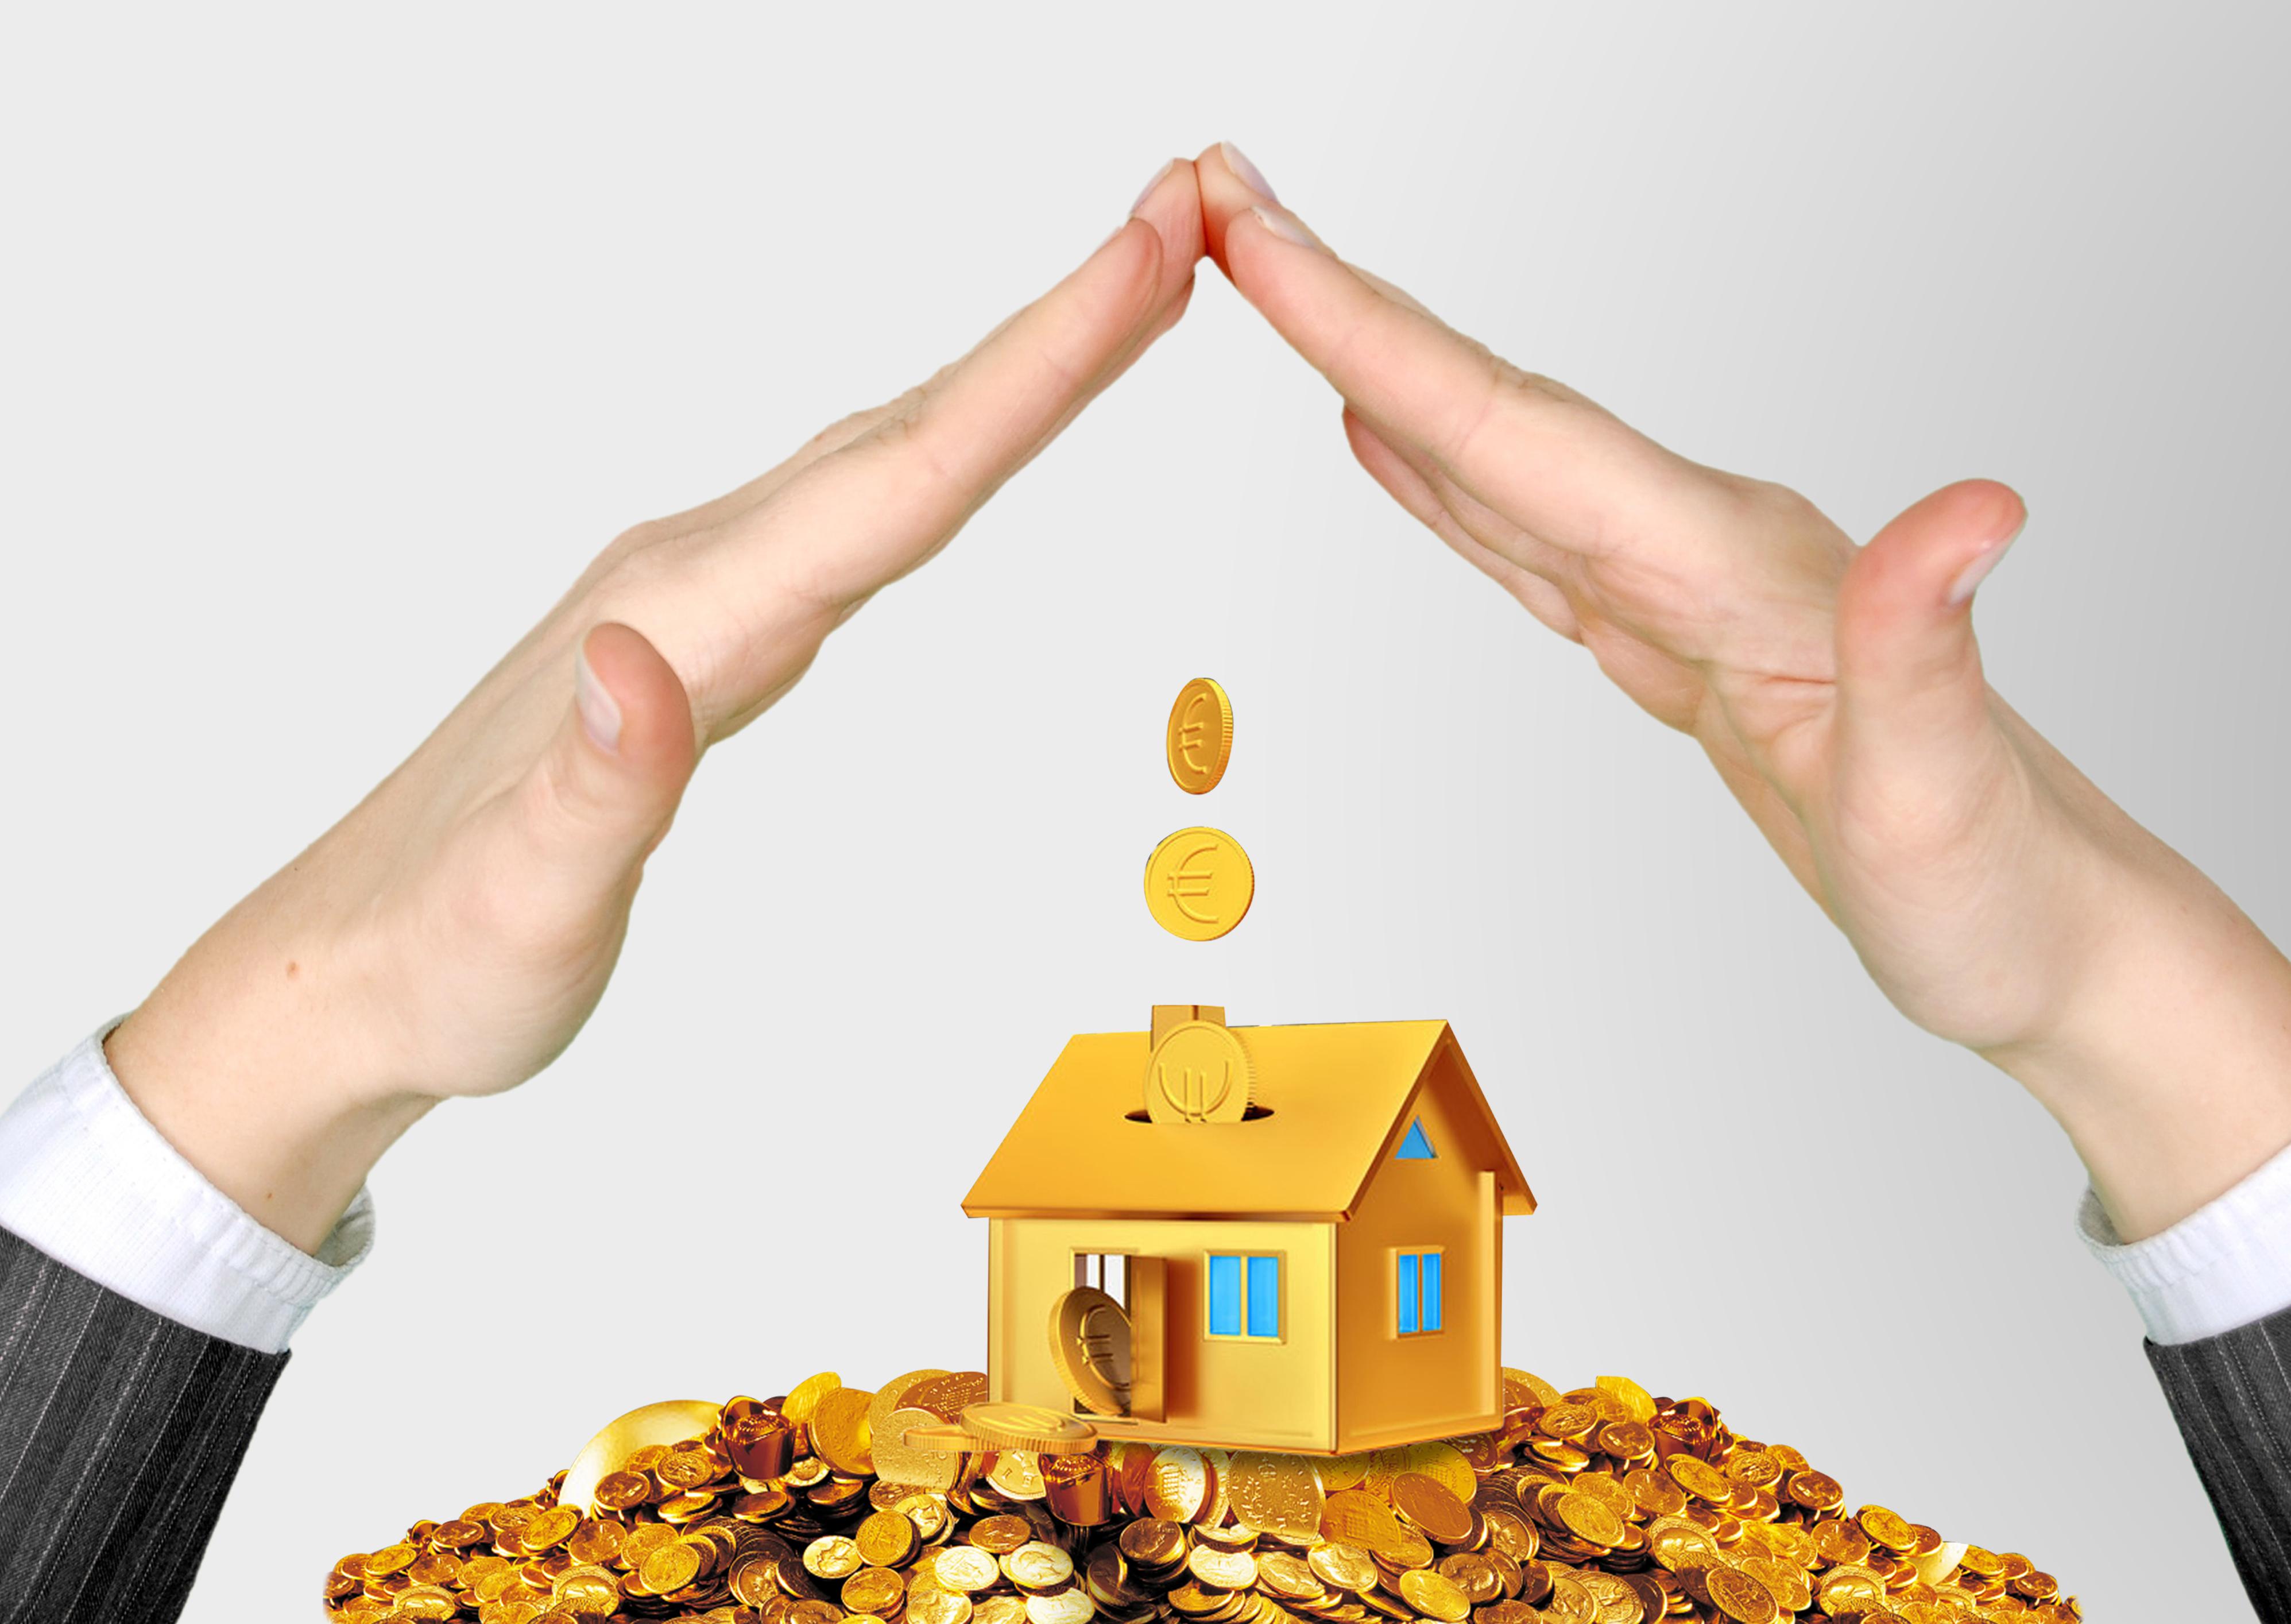 财产损失保险合同纠纷处理方式有哪些?财产损失保险合同特征有哪些?